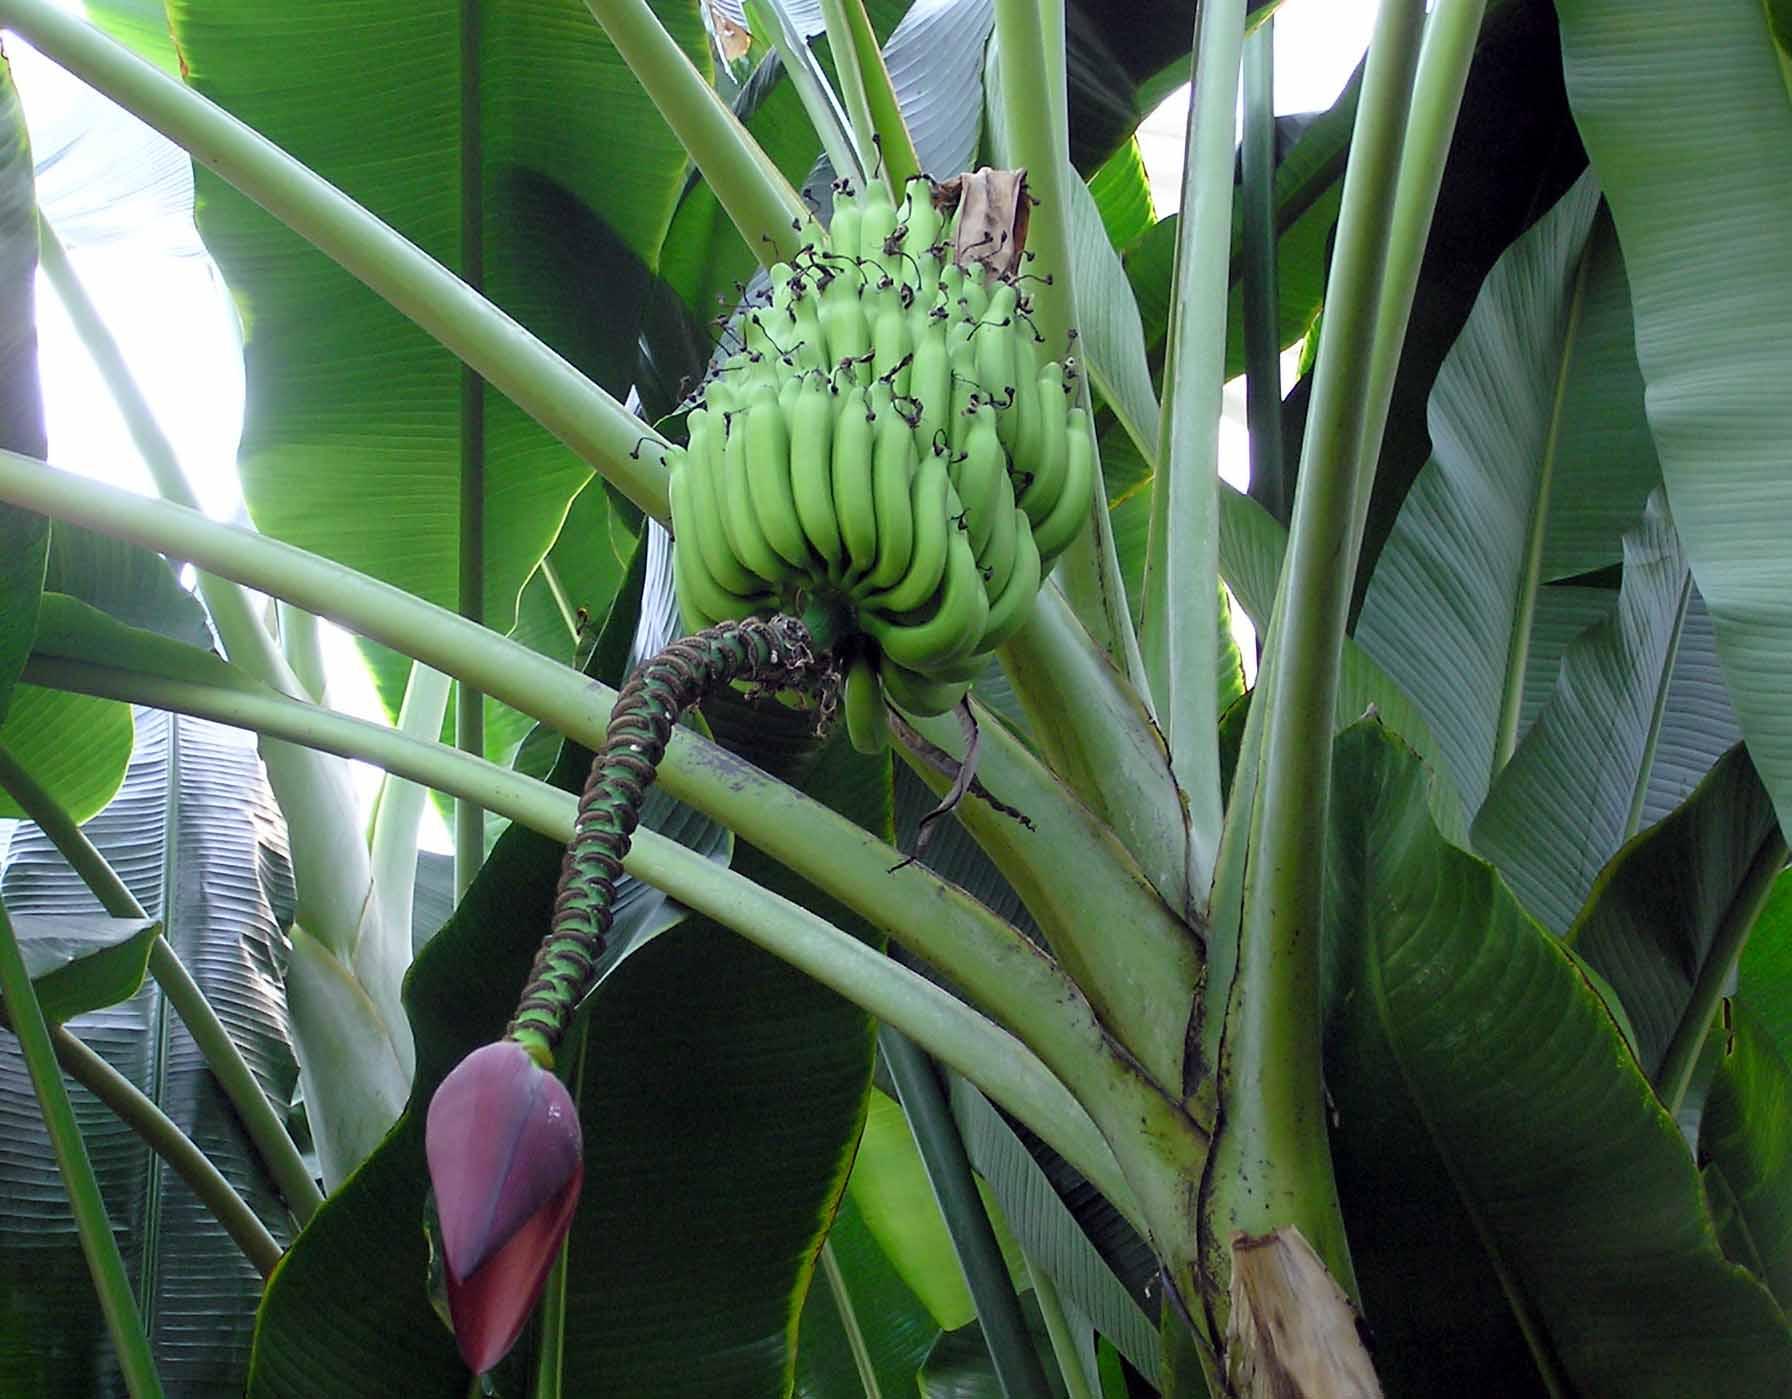 Plátanos de Musa balbisiana